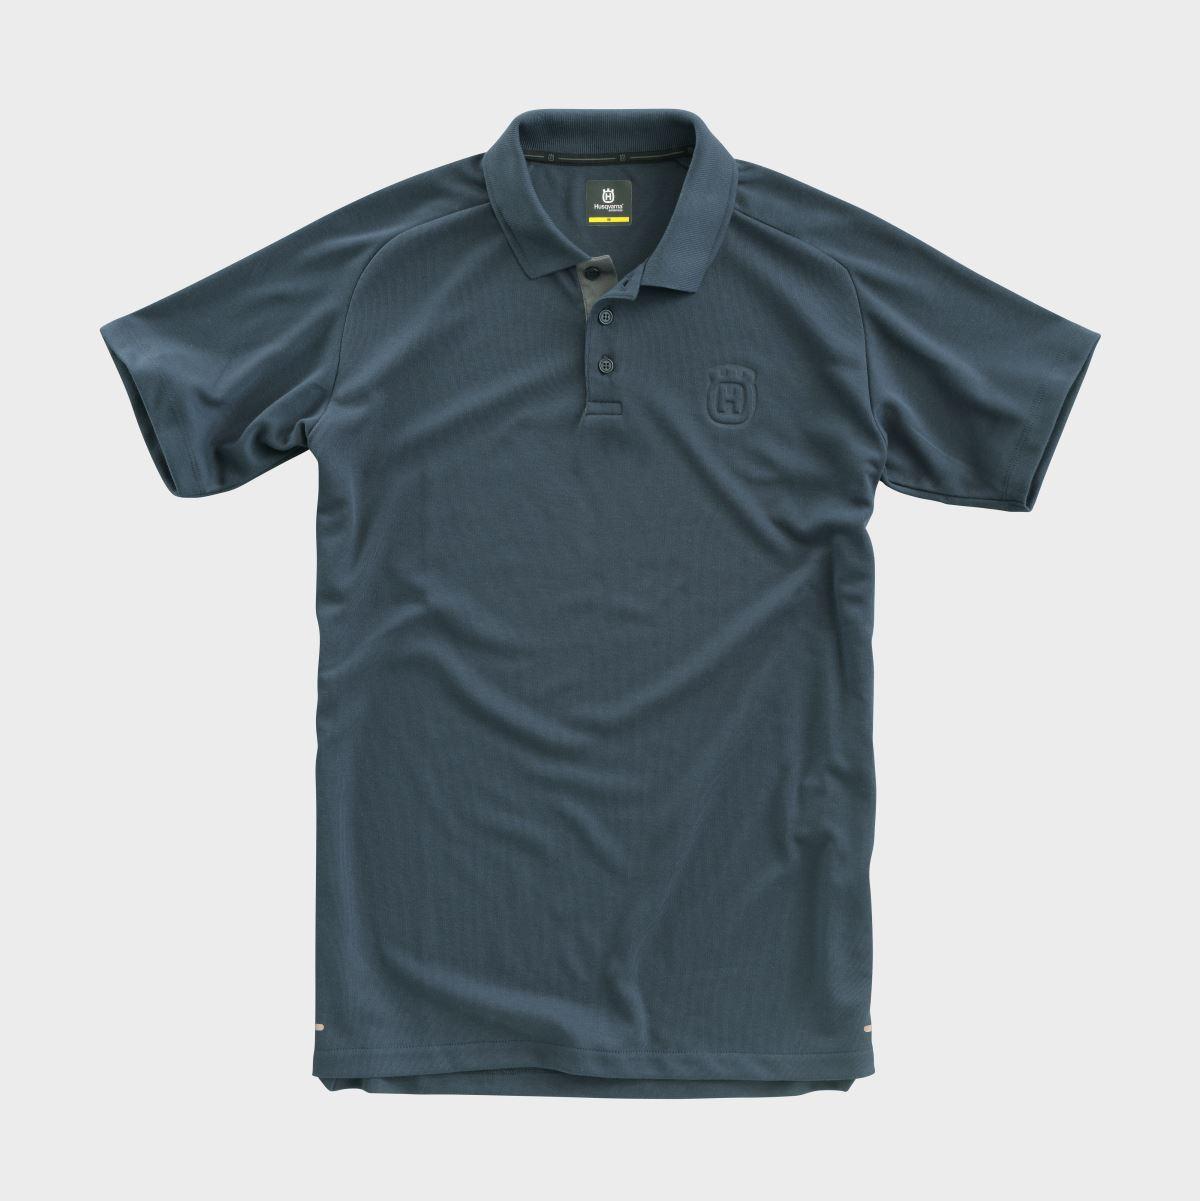 ORIGIN POLO BLUE - CASUAL CLOTHING COLLECTION 2020